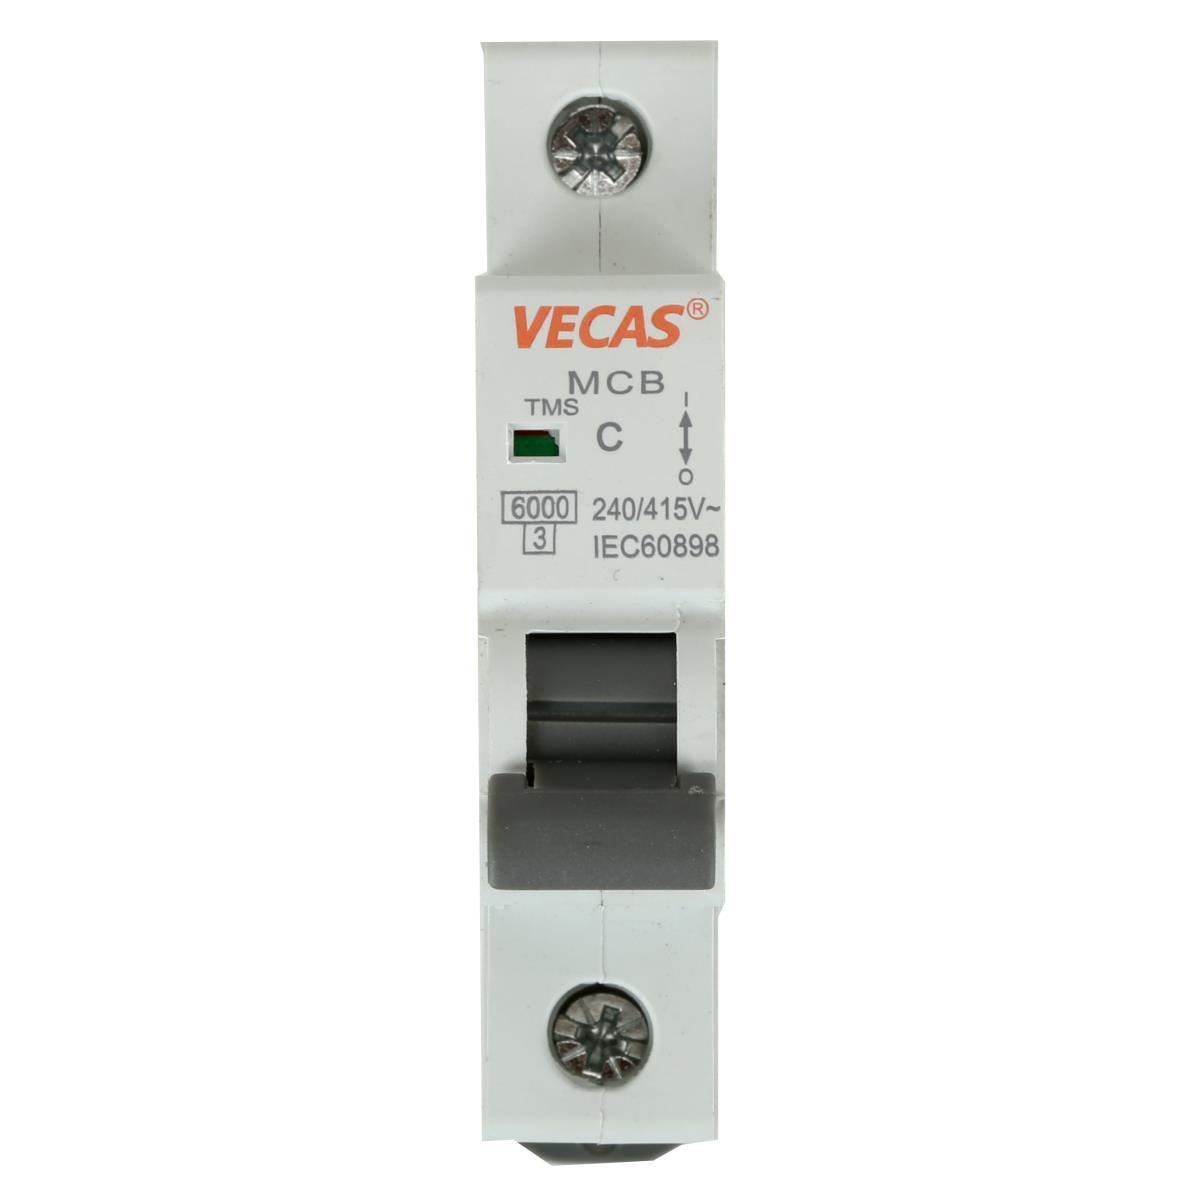 Leitungsschutzschalter Sicherungsautomat  C, 1-polig, 10A LS-Schalter,Vecas,L7-10-1-C, 4770364101410